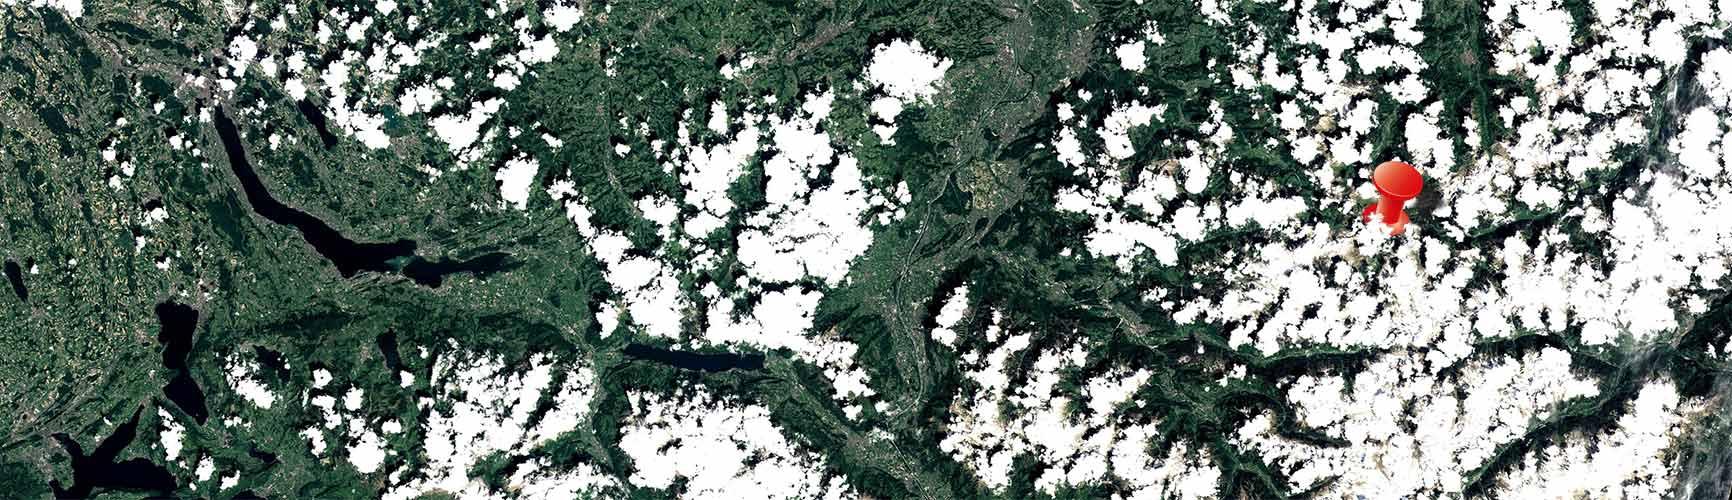 Satelitenbild Sommer Frühling | Planen Sie Ihre Anreise auf den Arlberg | Lage | Europa | Austria | Vorarlberg | Lech